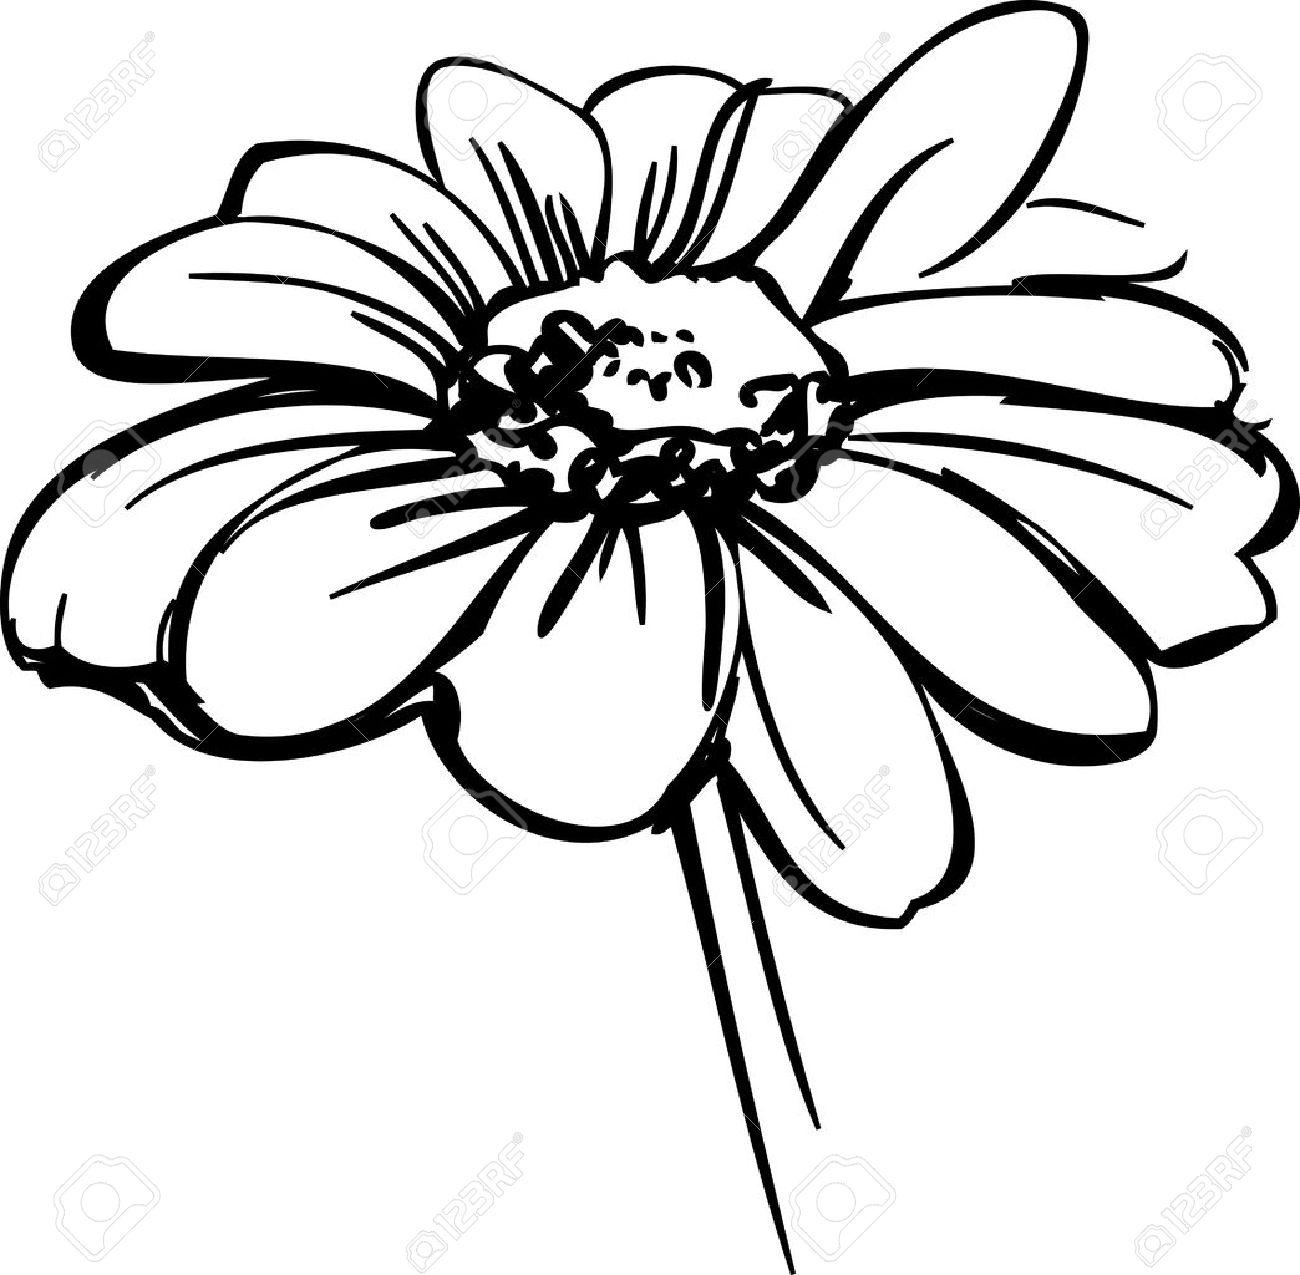 Fleurs Sauvages Ressemblant A Dessin D Une Marguerite Clip Art